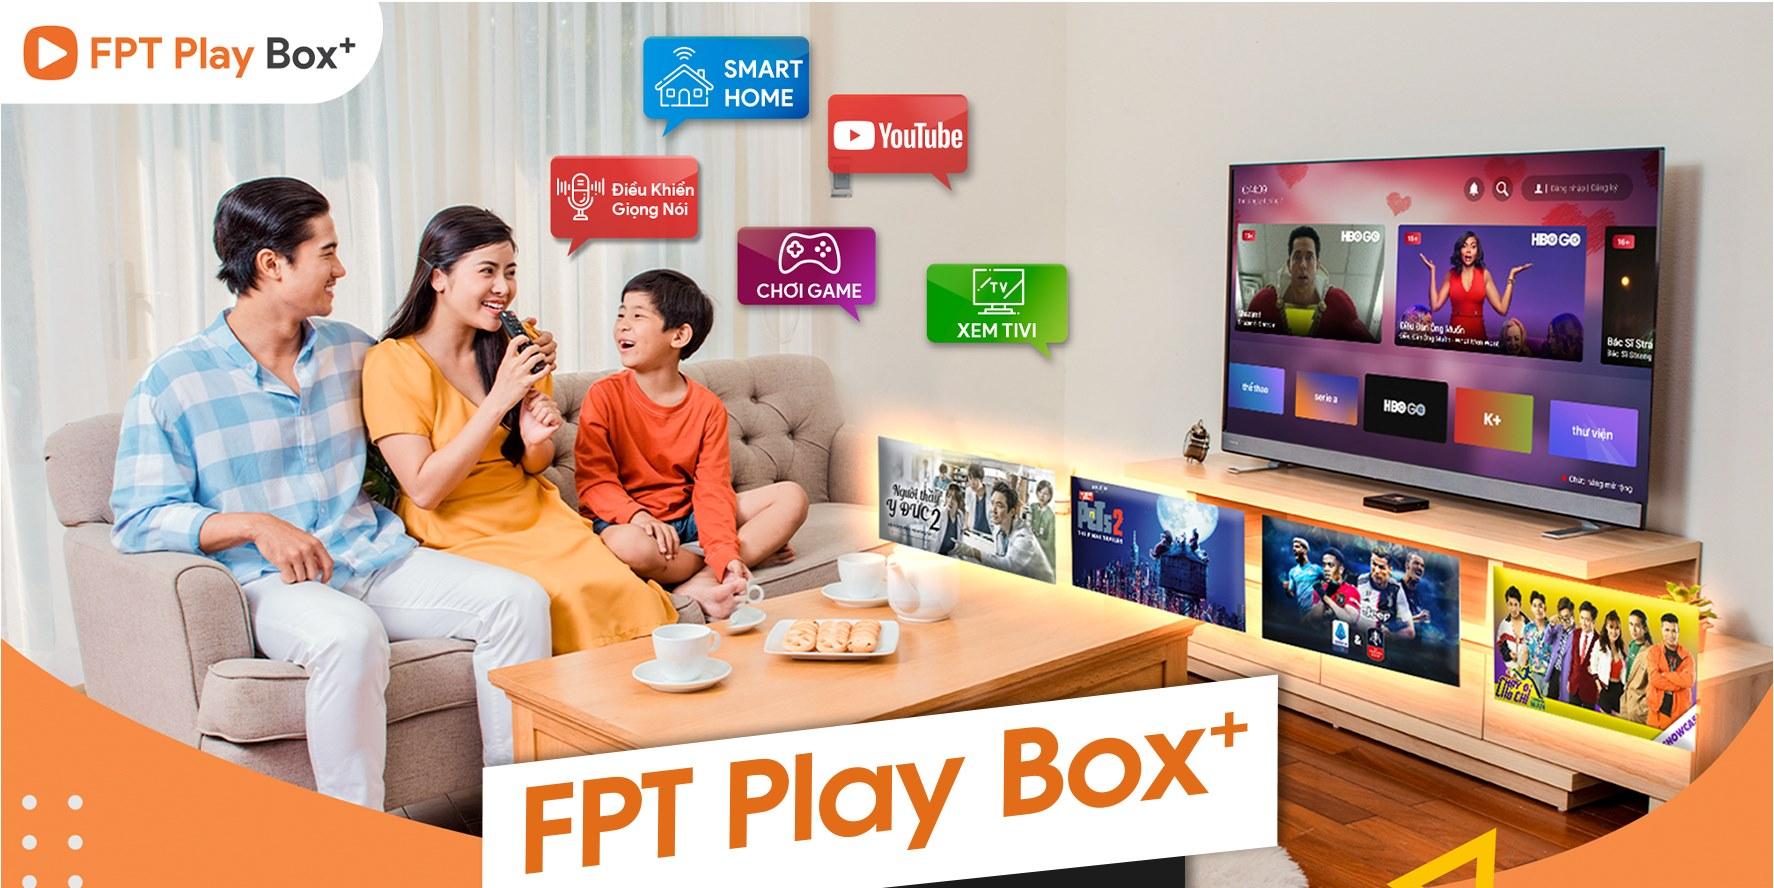 Nội dung phong phú, đa dạng và bản quyền của FPT Play Box.